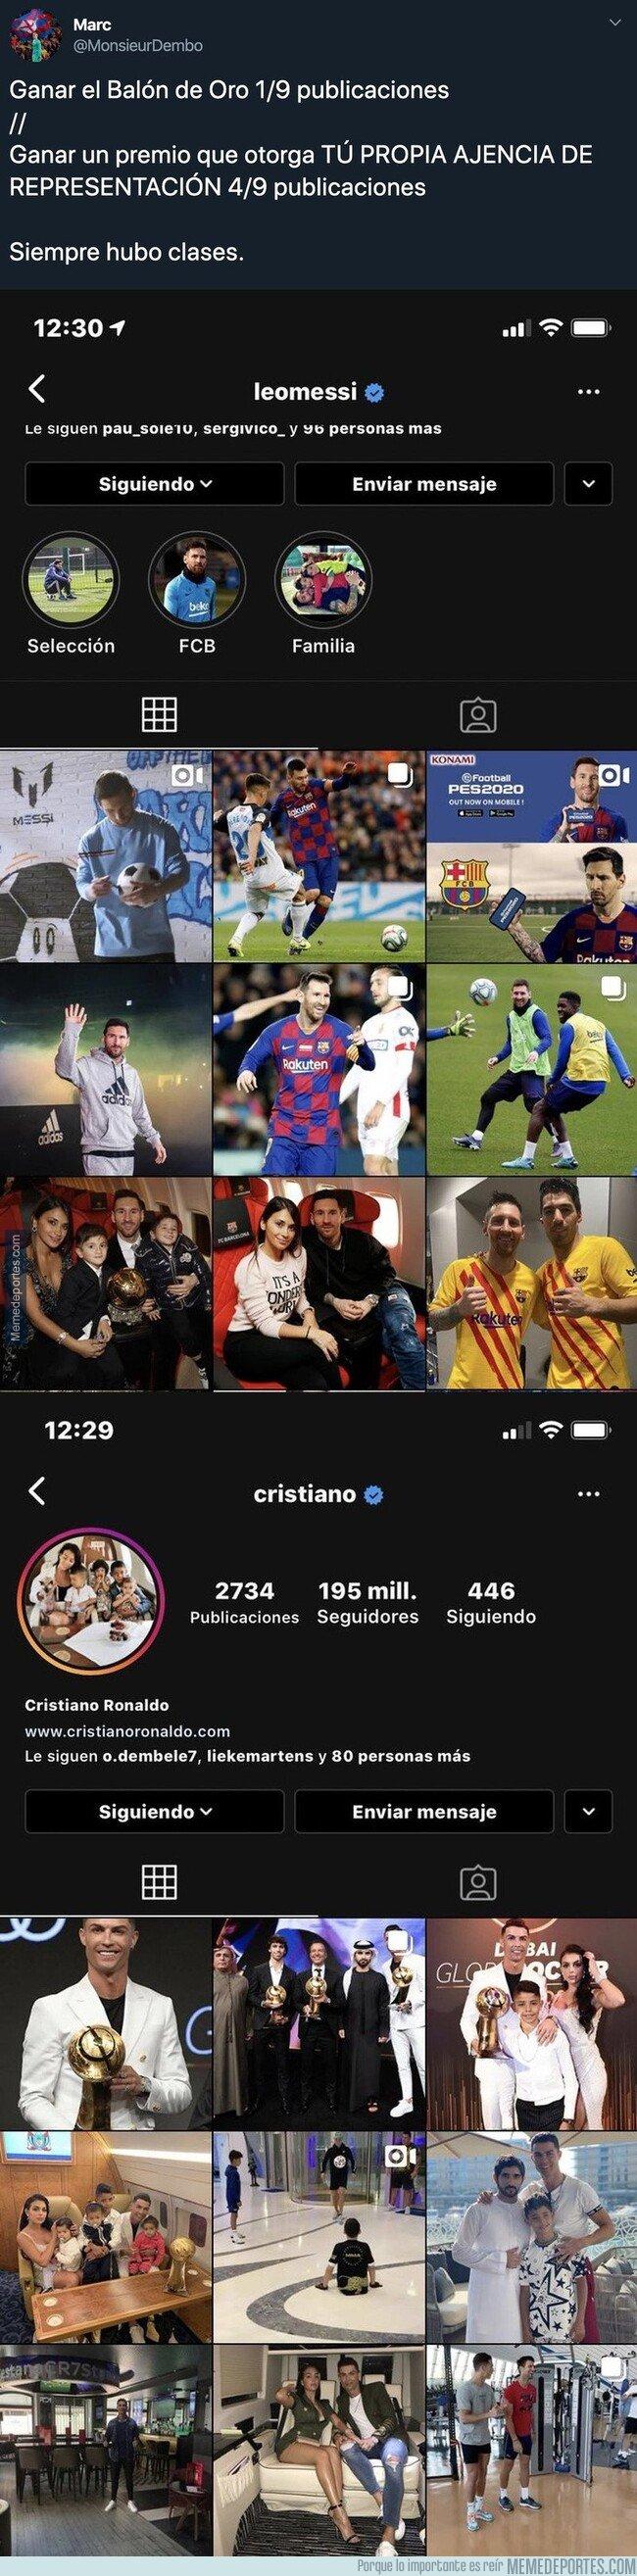 1094754 - La gran diferencia de Messi y Cristiano que demuestra la grandísima humildad del argentino